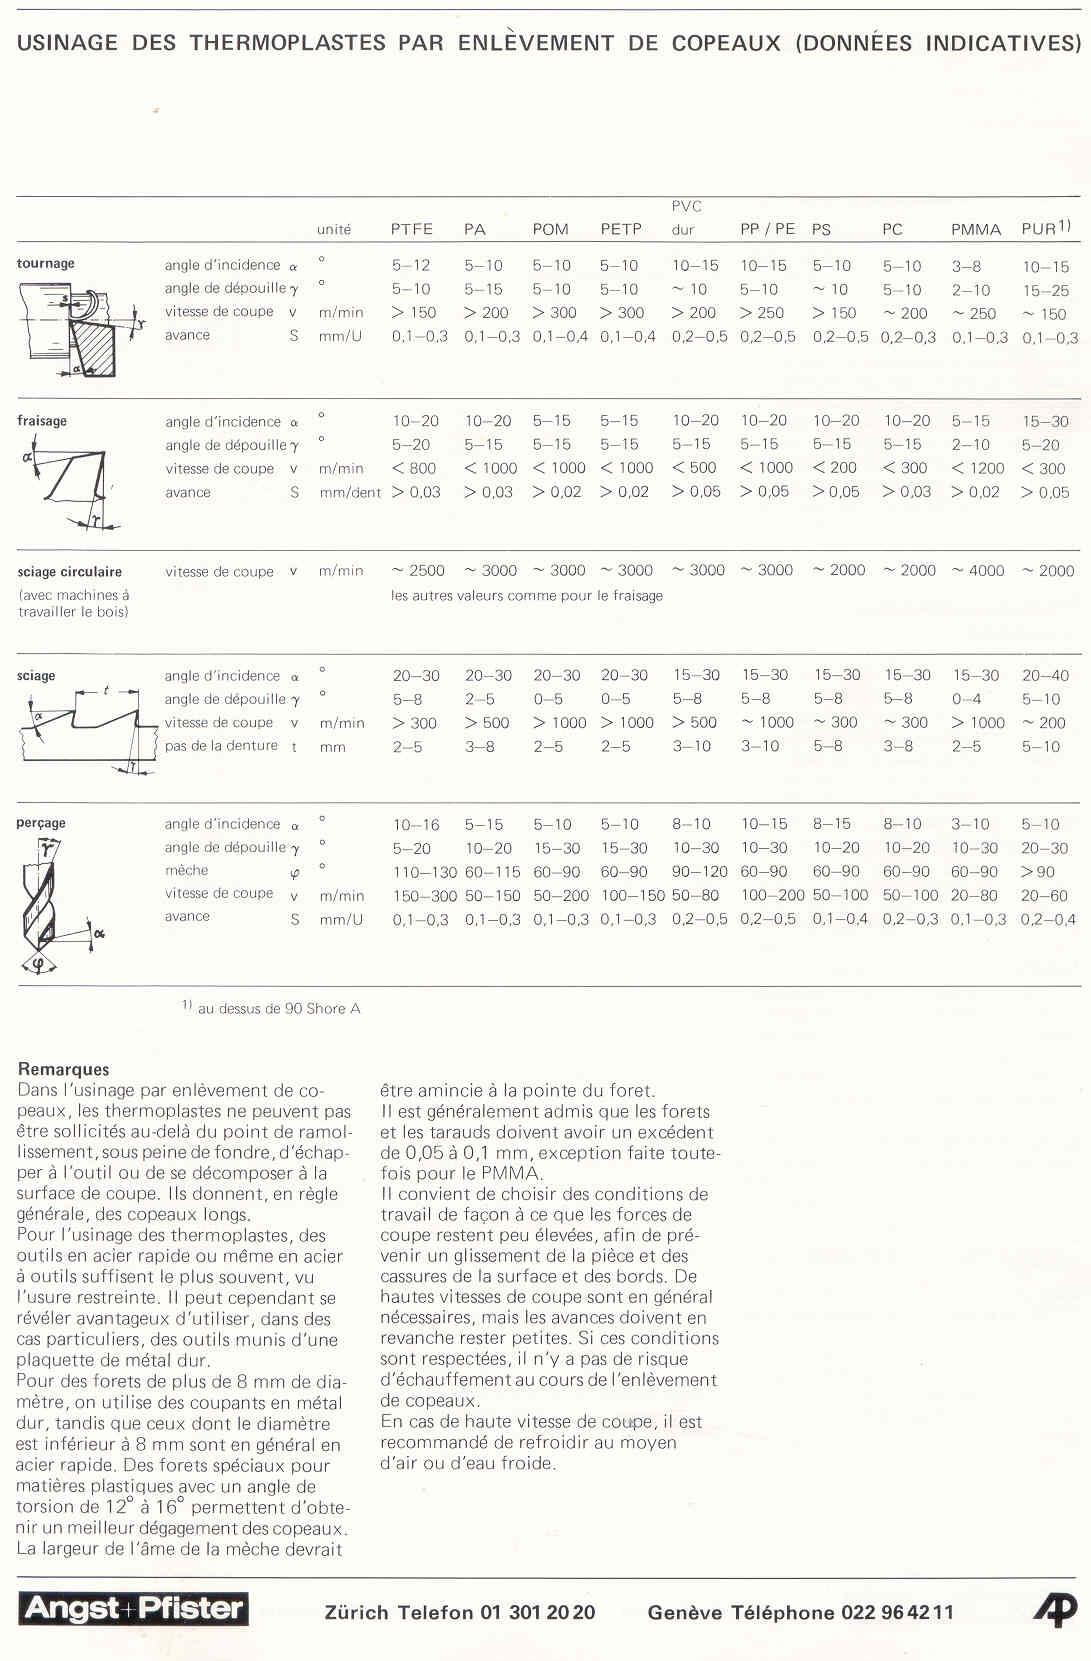 Les plastiques techniques (choix, propiétés, usinages, ... ) Usinag11